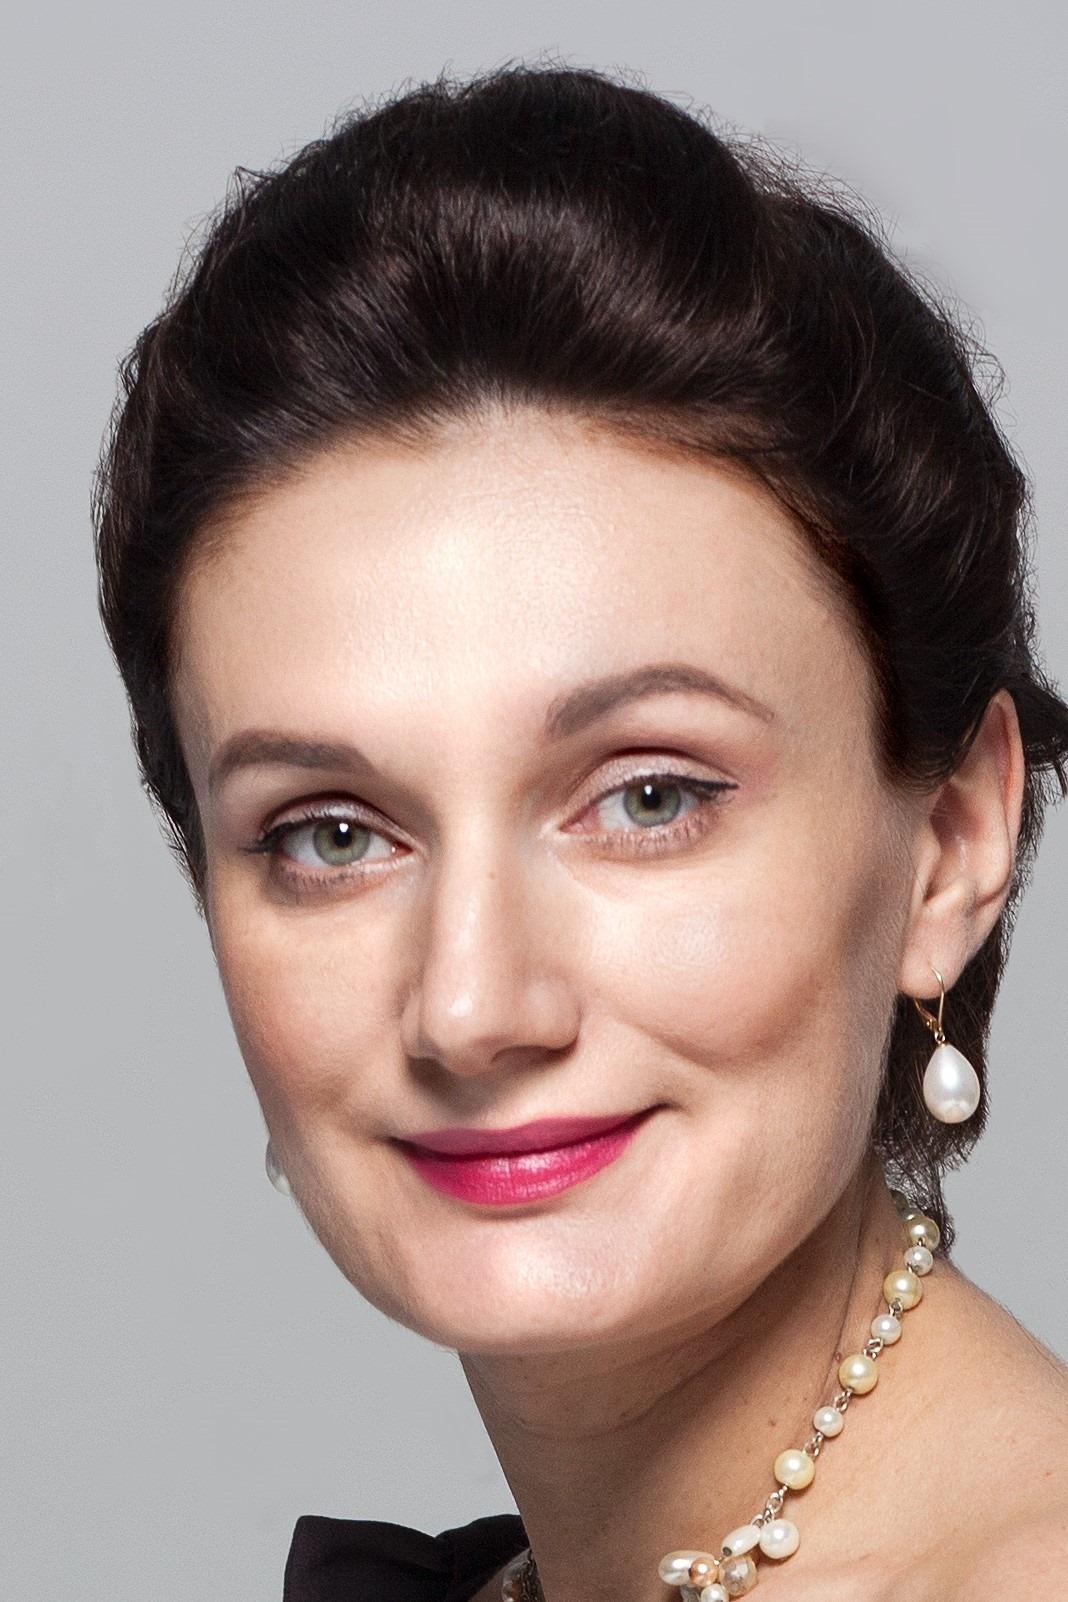 Olga Corochii